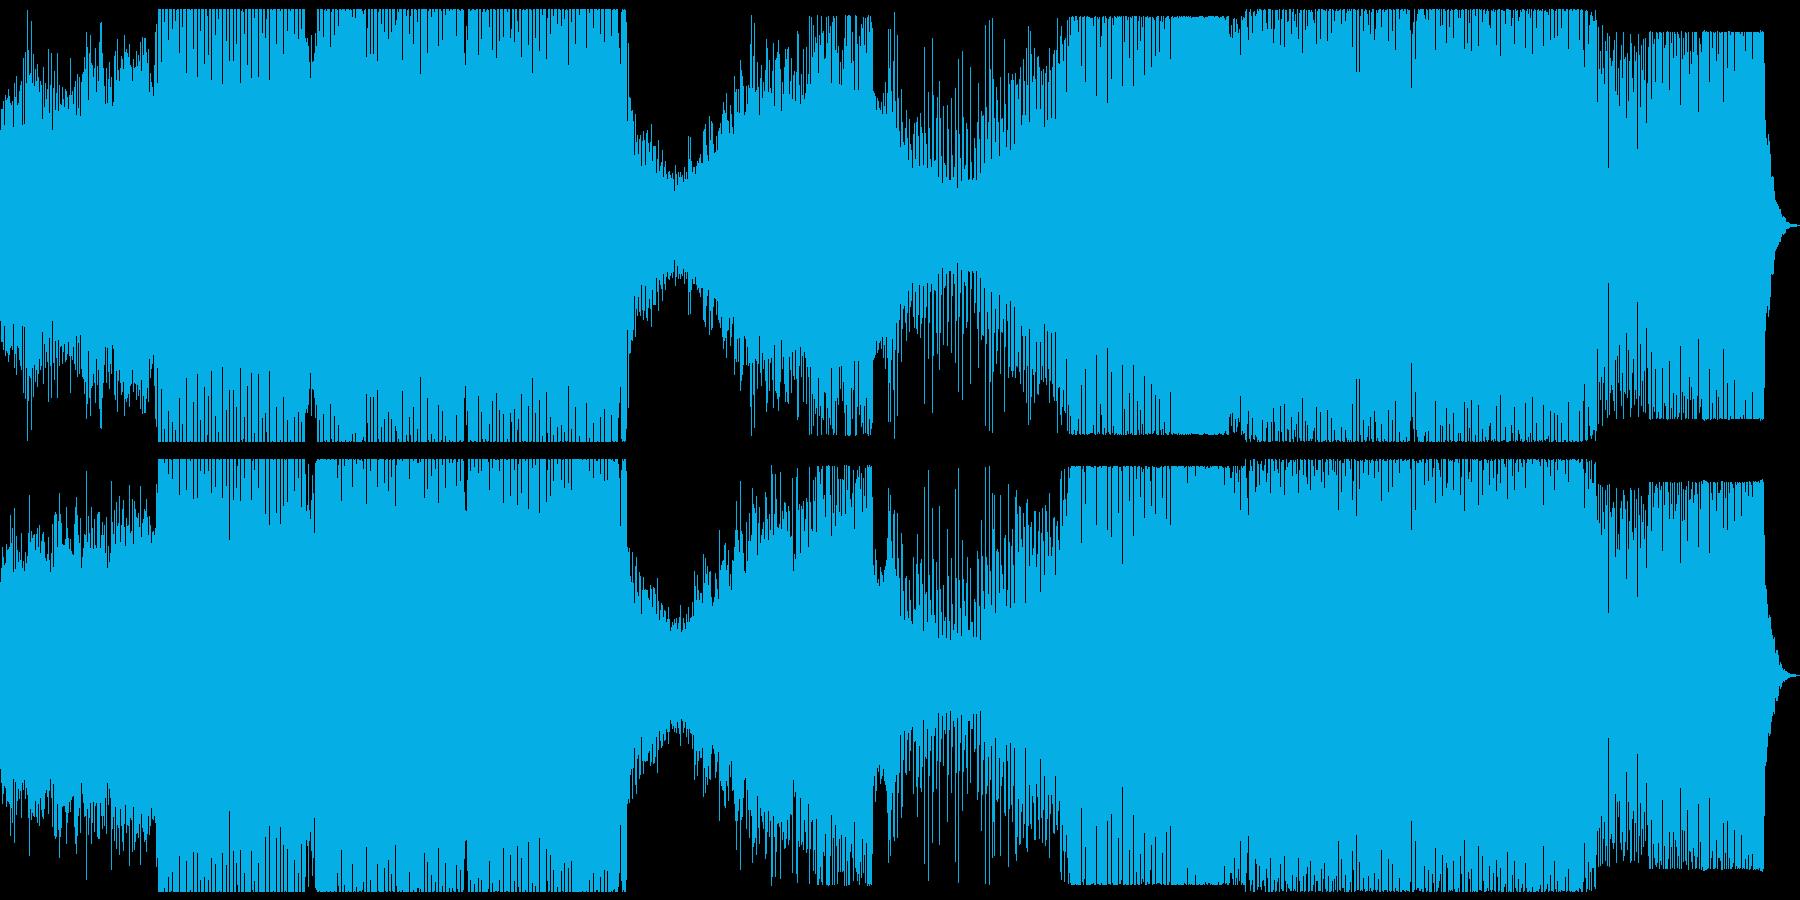 明るく穏やかな青い海を表現した曲の再生済みの波形